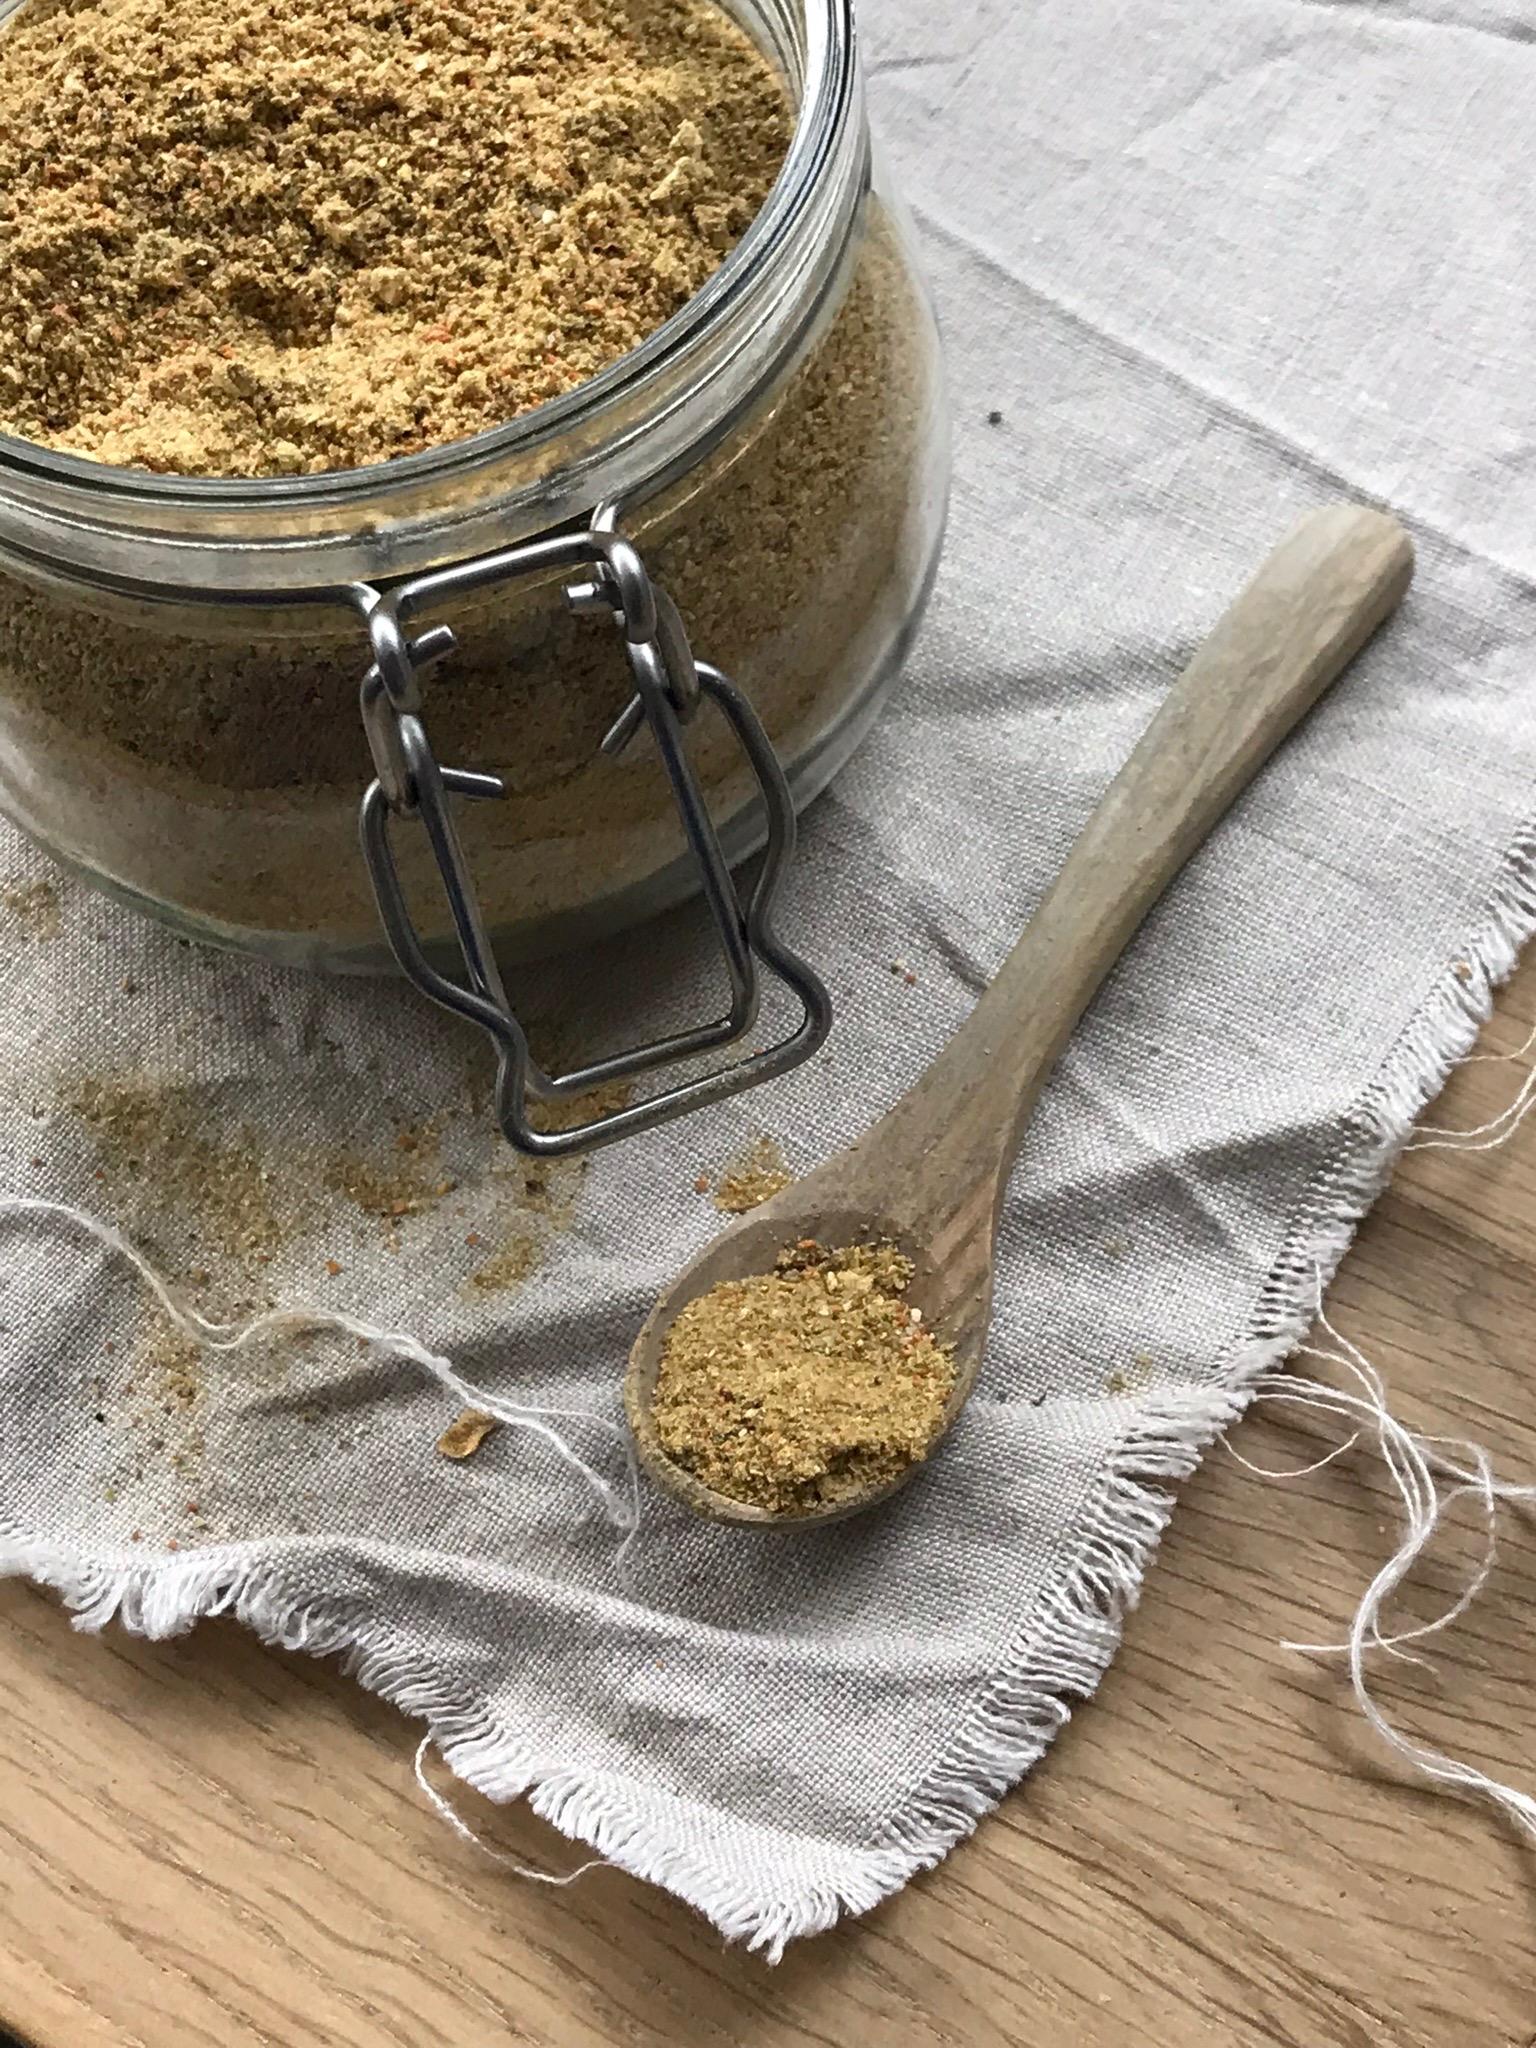 Rezept für Instant Gemüsebrühe zum selbermachen / Gekörnte Gemüsebrühe / leckeres Gewürzsalz und vieles mehr! Diese selbstgemachte DIY Brühe ist vielseitig einsetzbar und unglaublich lecker ! Ihr braucht ein weng Zeit und dann habt ihr einen guten Vorrat !